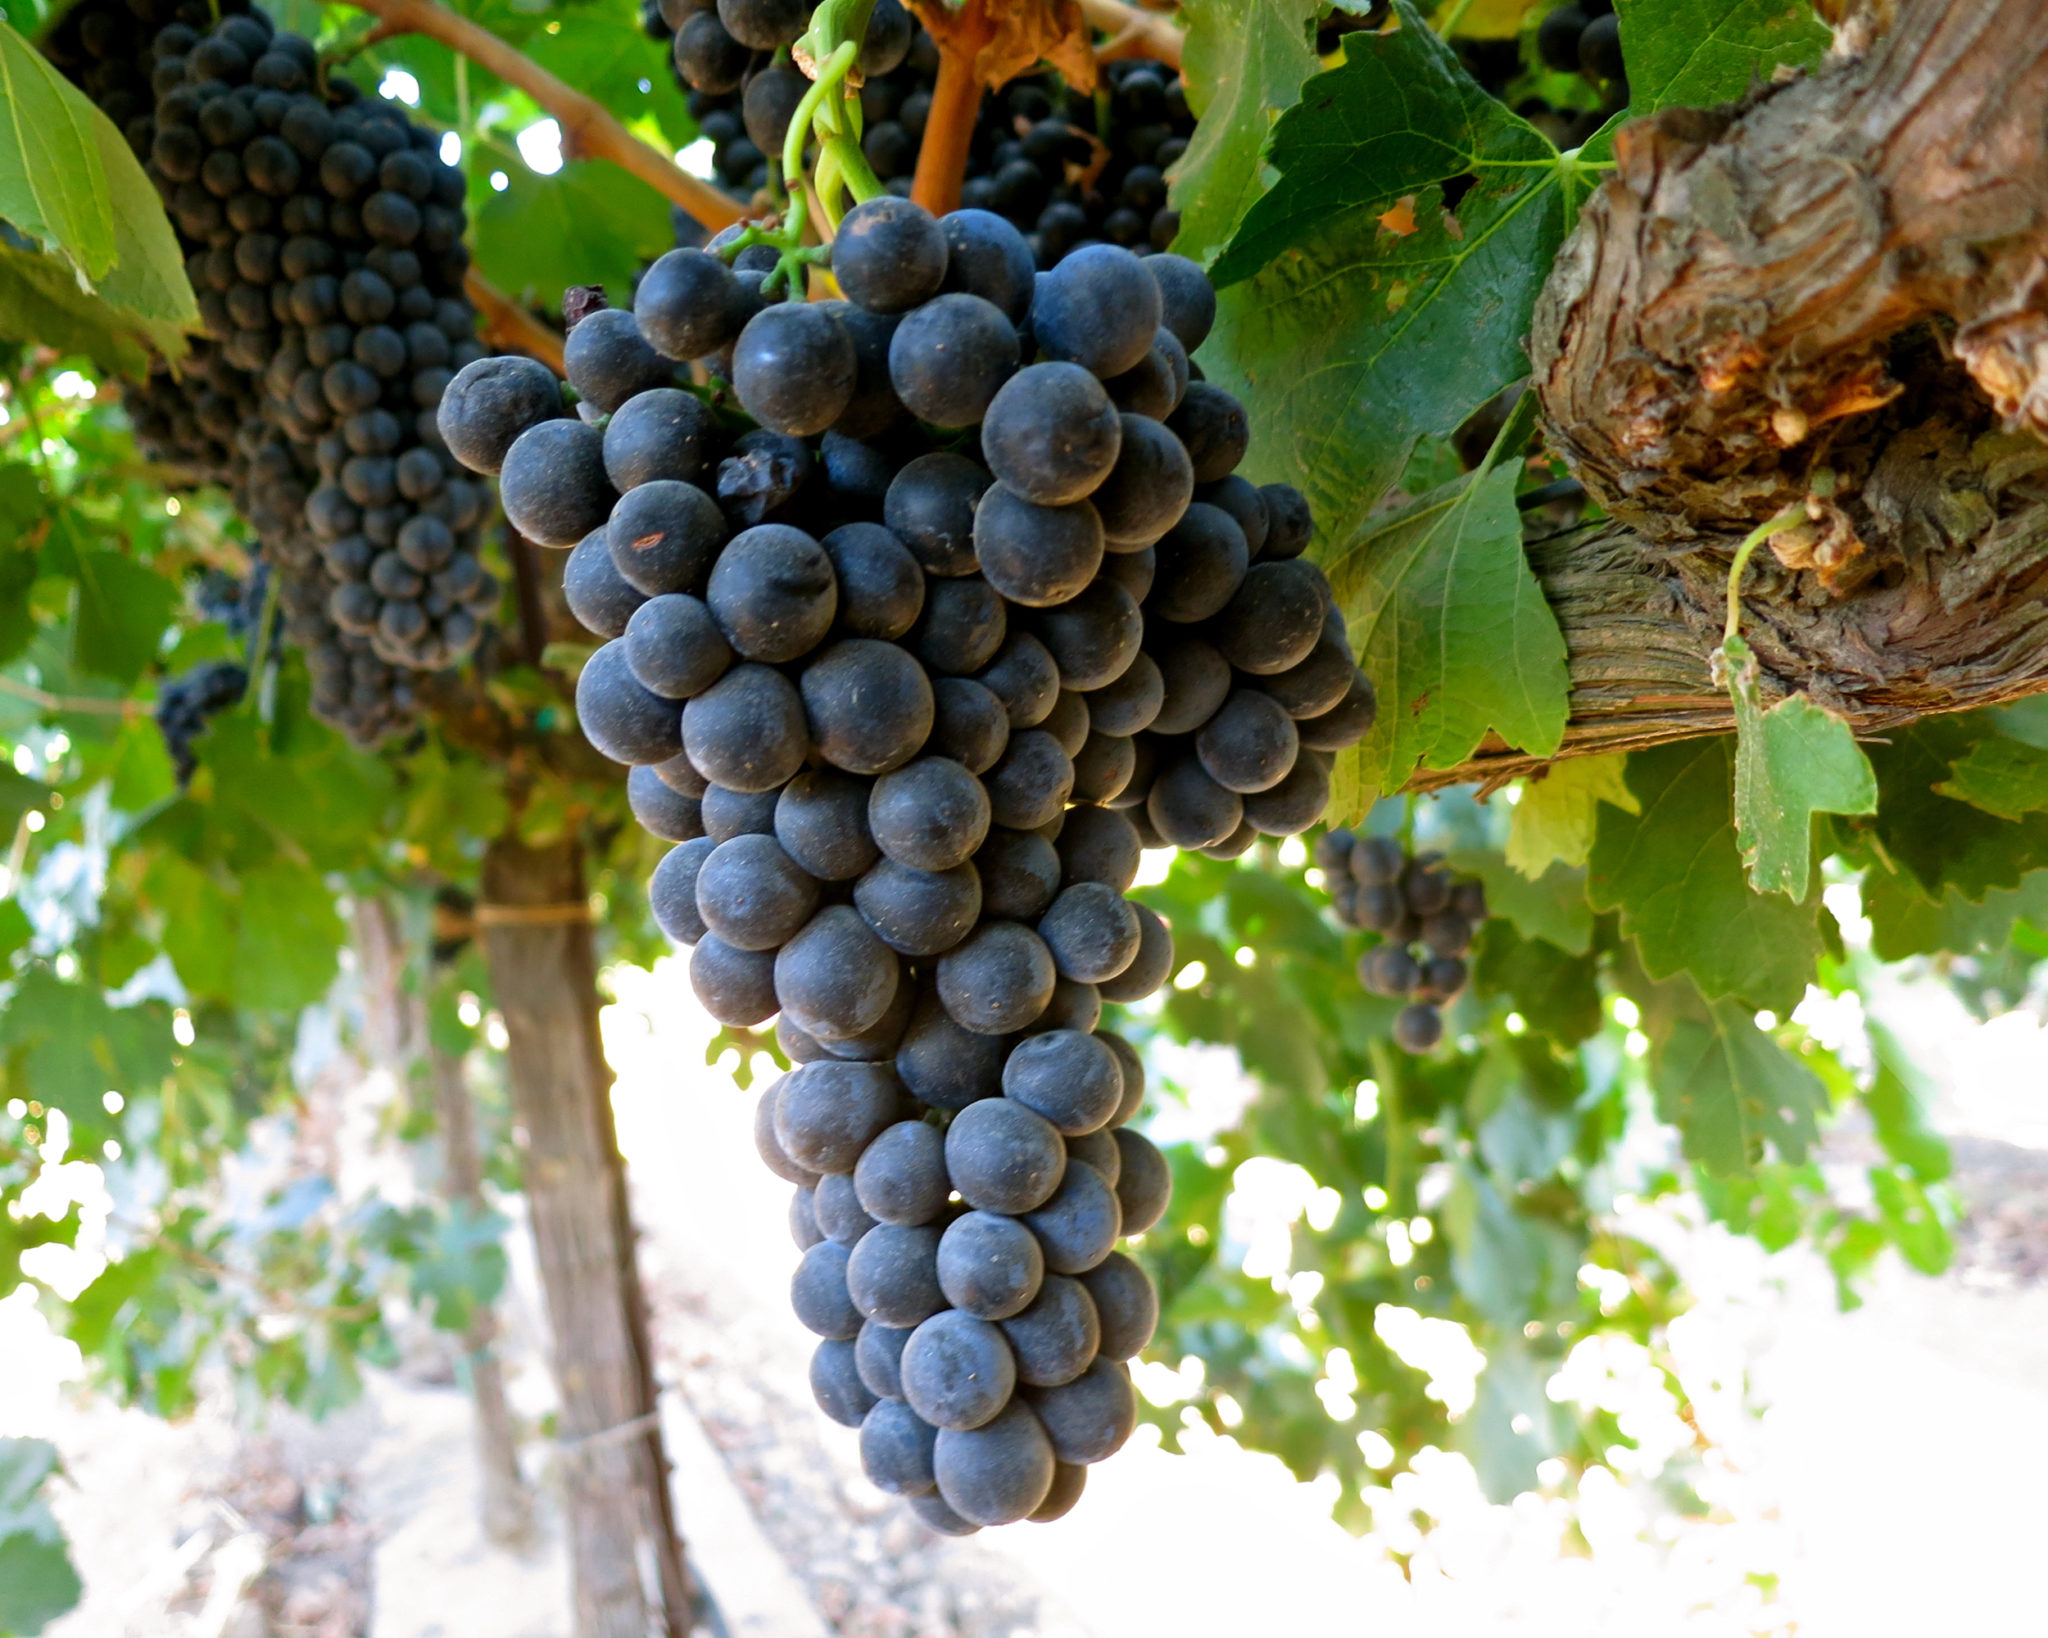 виноград альфа описание сорта фото что астероид